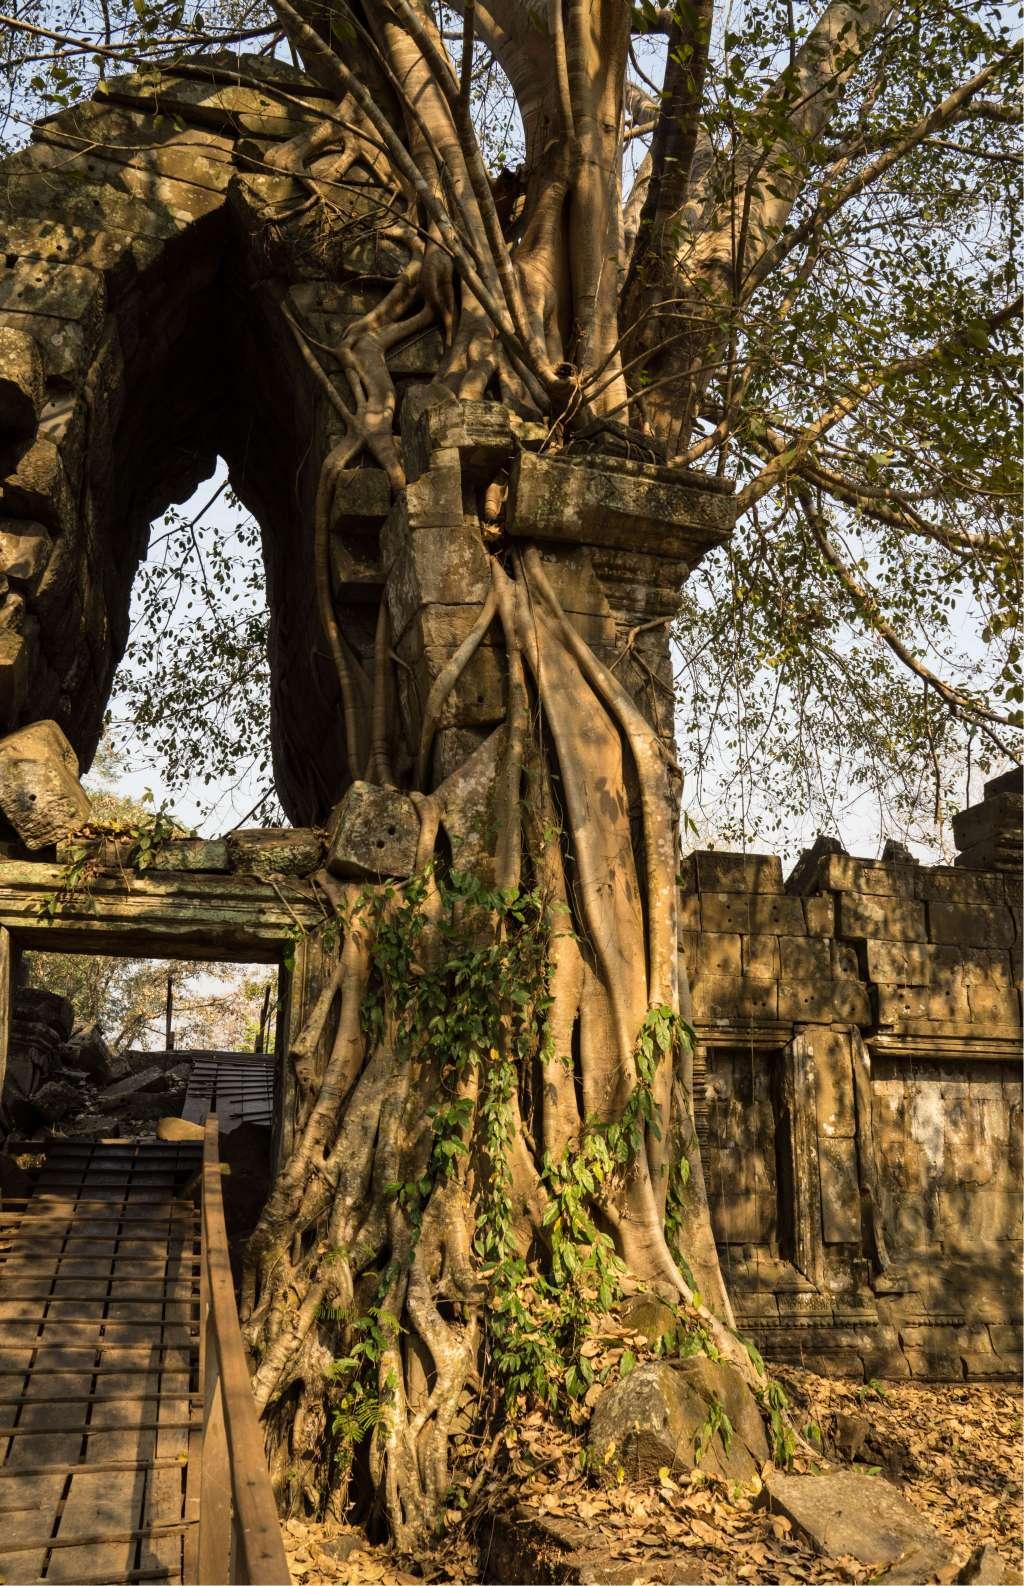 Rond deze ruïnes ontdekten onderzoekers dankzij de lasers een heel stadsnetwerk. Afbeelding: Francisco Goncalves.